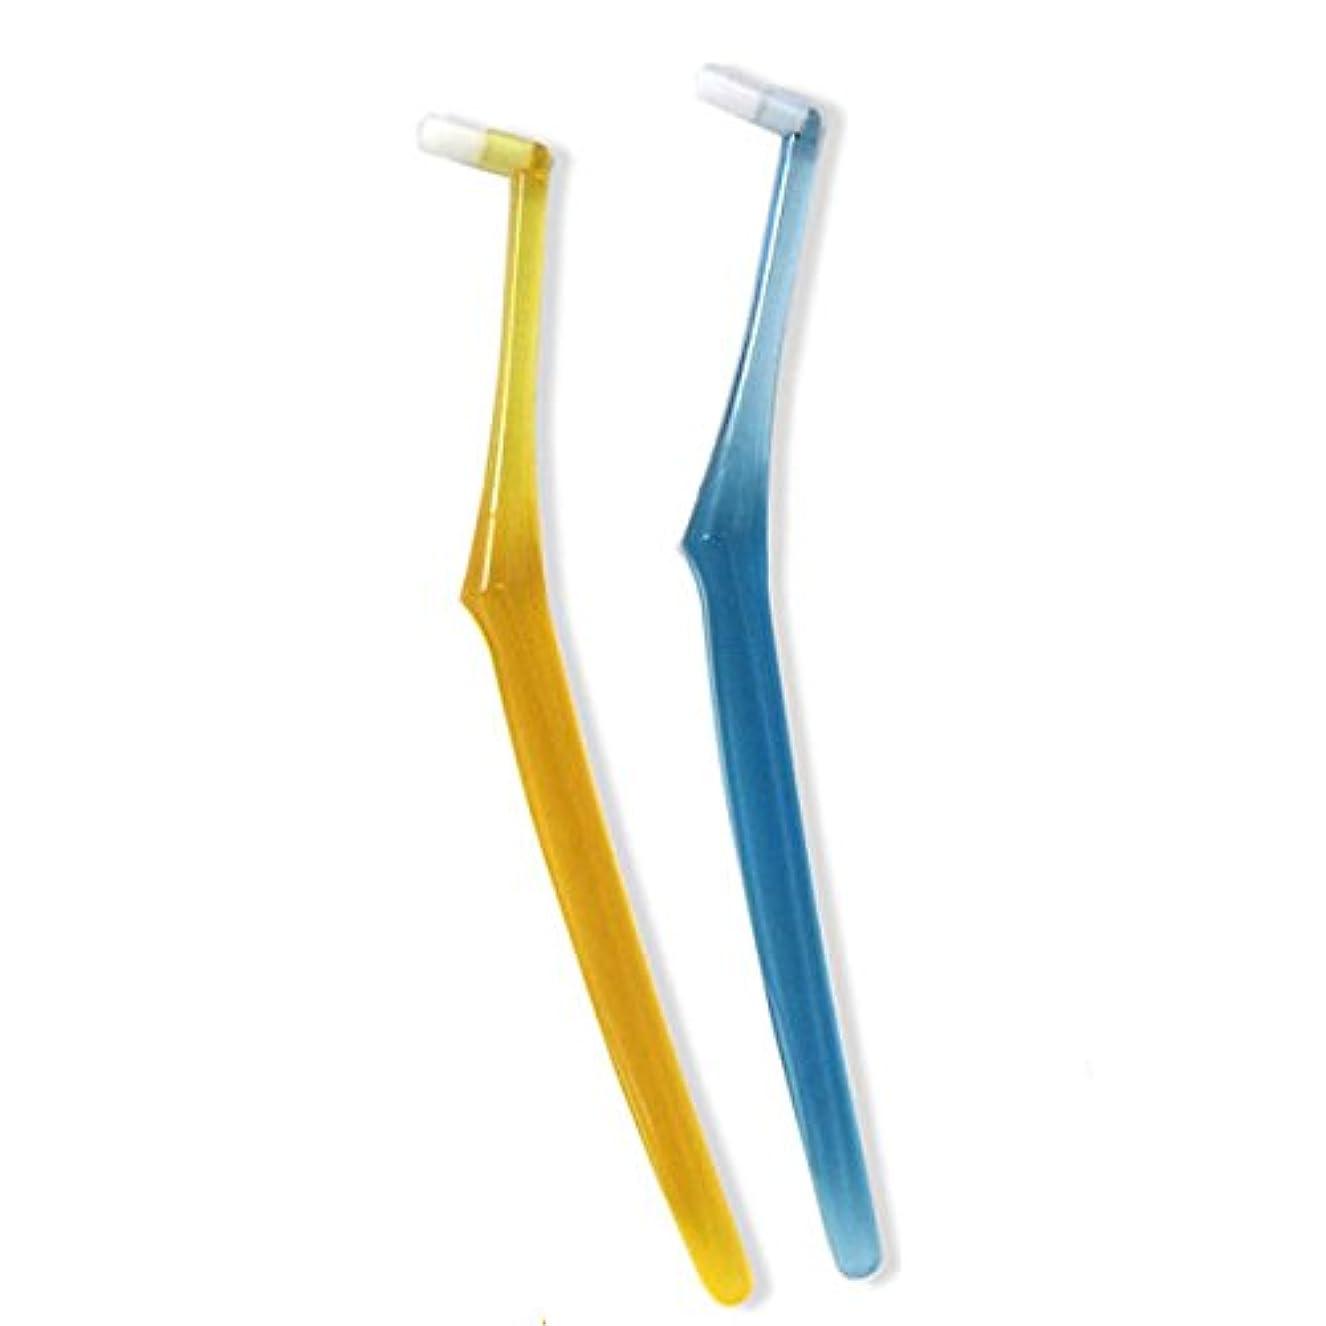 自分自身自然公園口述する【ワンタフト】 オーラルケア インプロ インプラント専用 歯ブラシ 24本セット (US(ウルトラソフト))